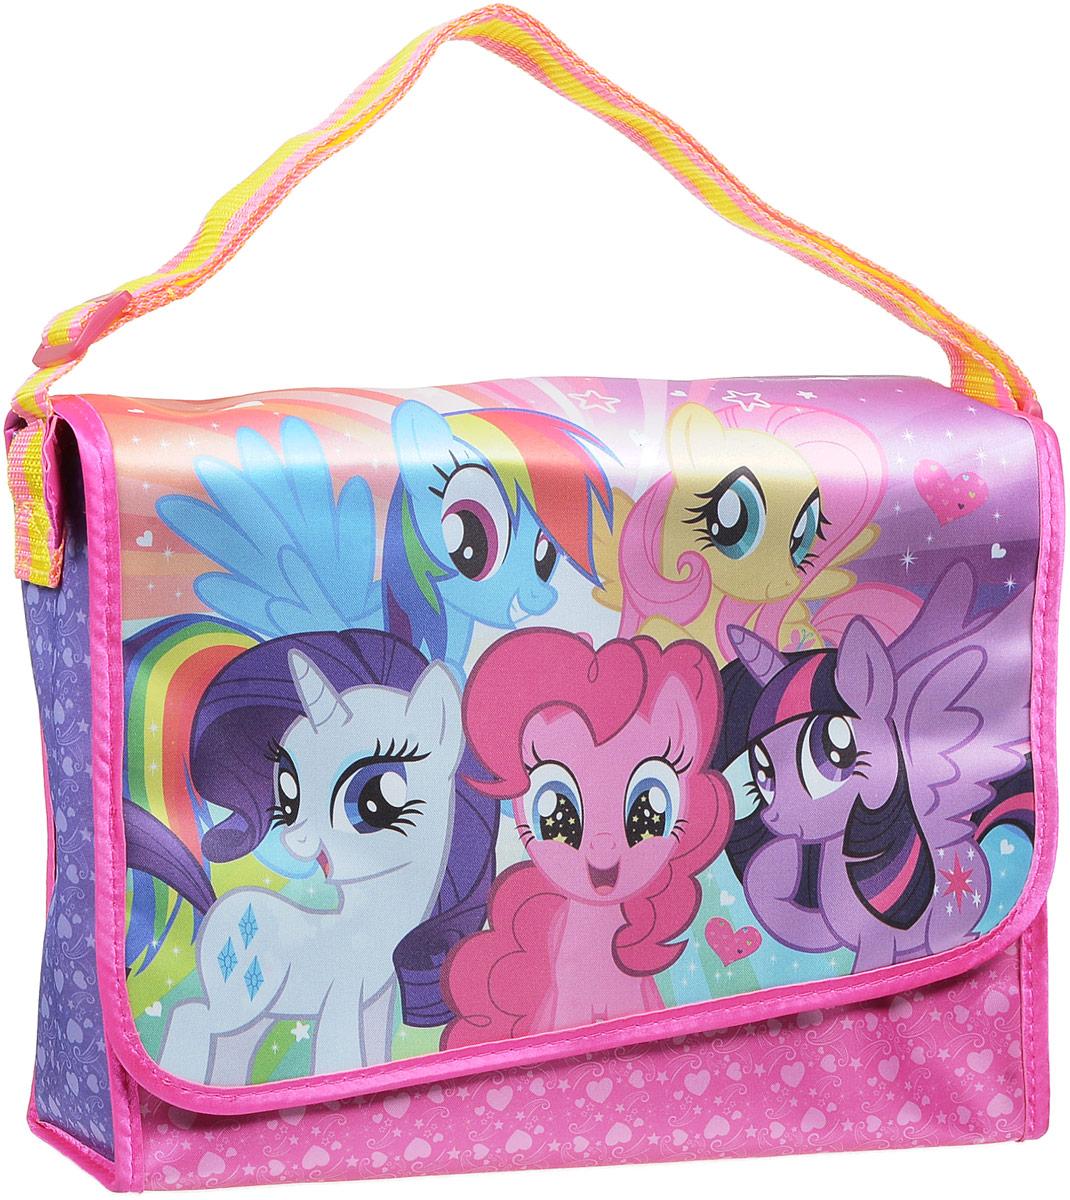 Markwins Игровой набор детской декоративной косметики My Little Pony 9711951 - Наборы